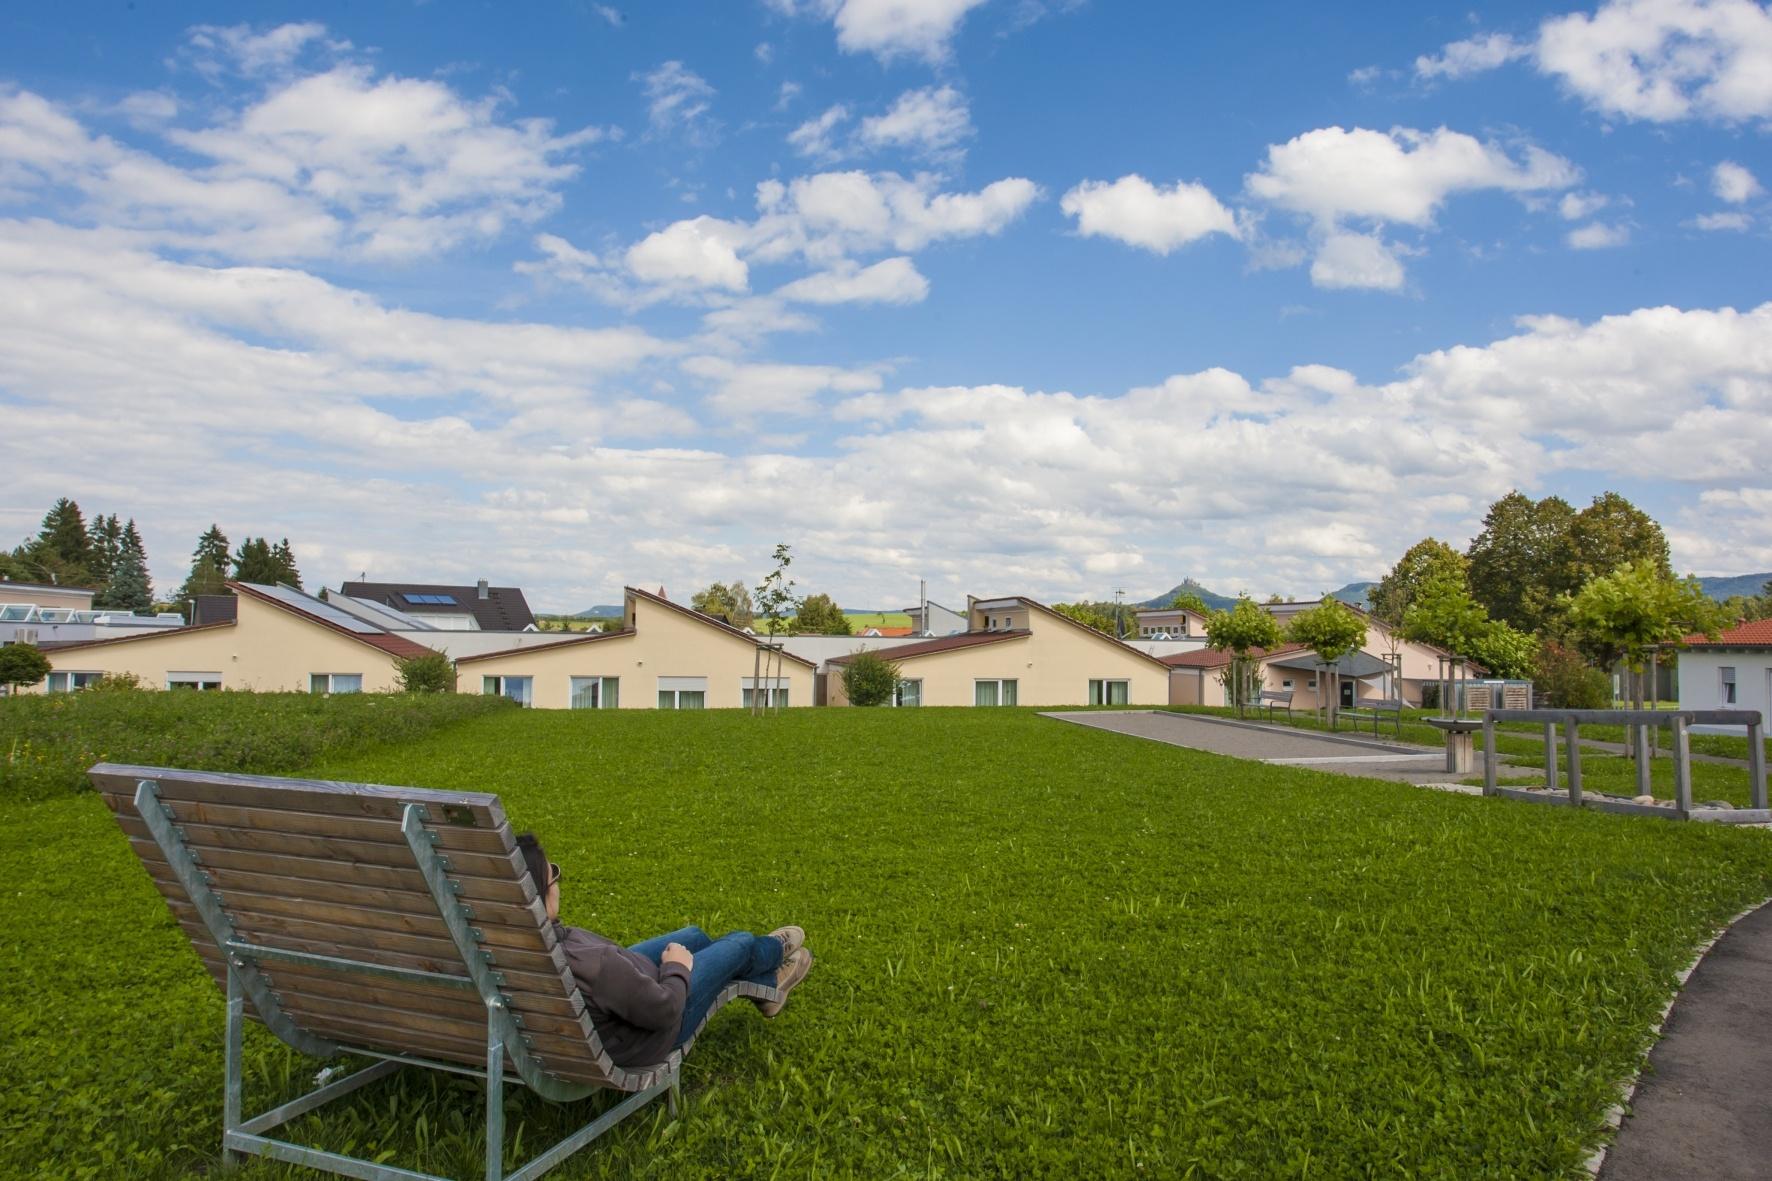 Mehrgenerationenpark Grosselfingen